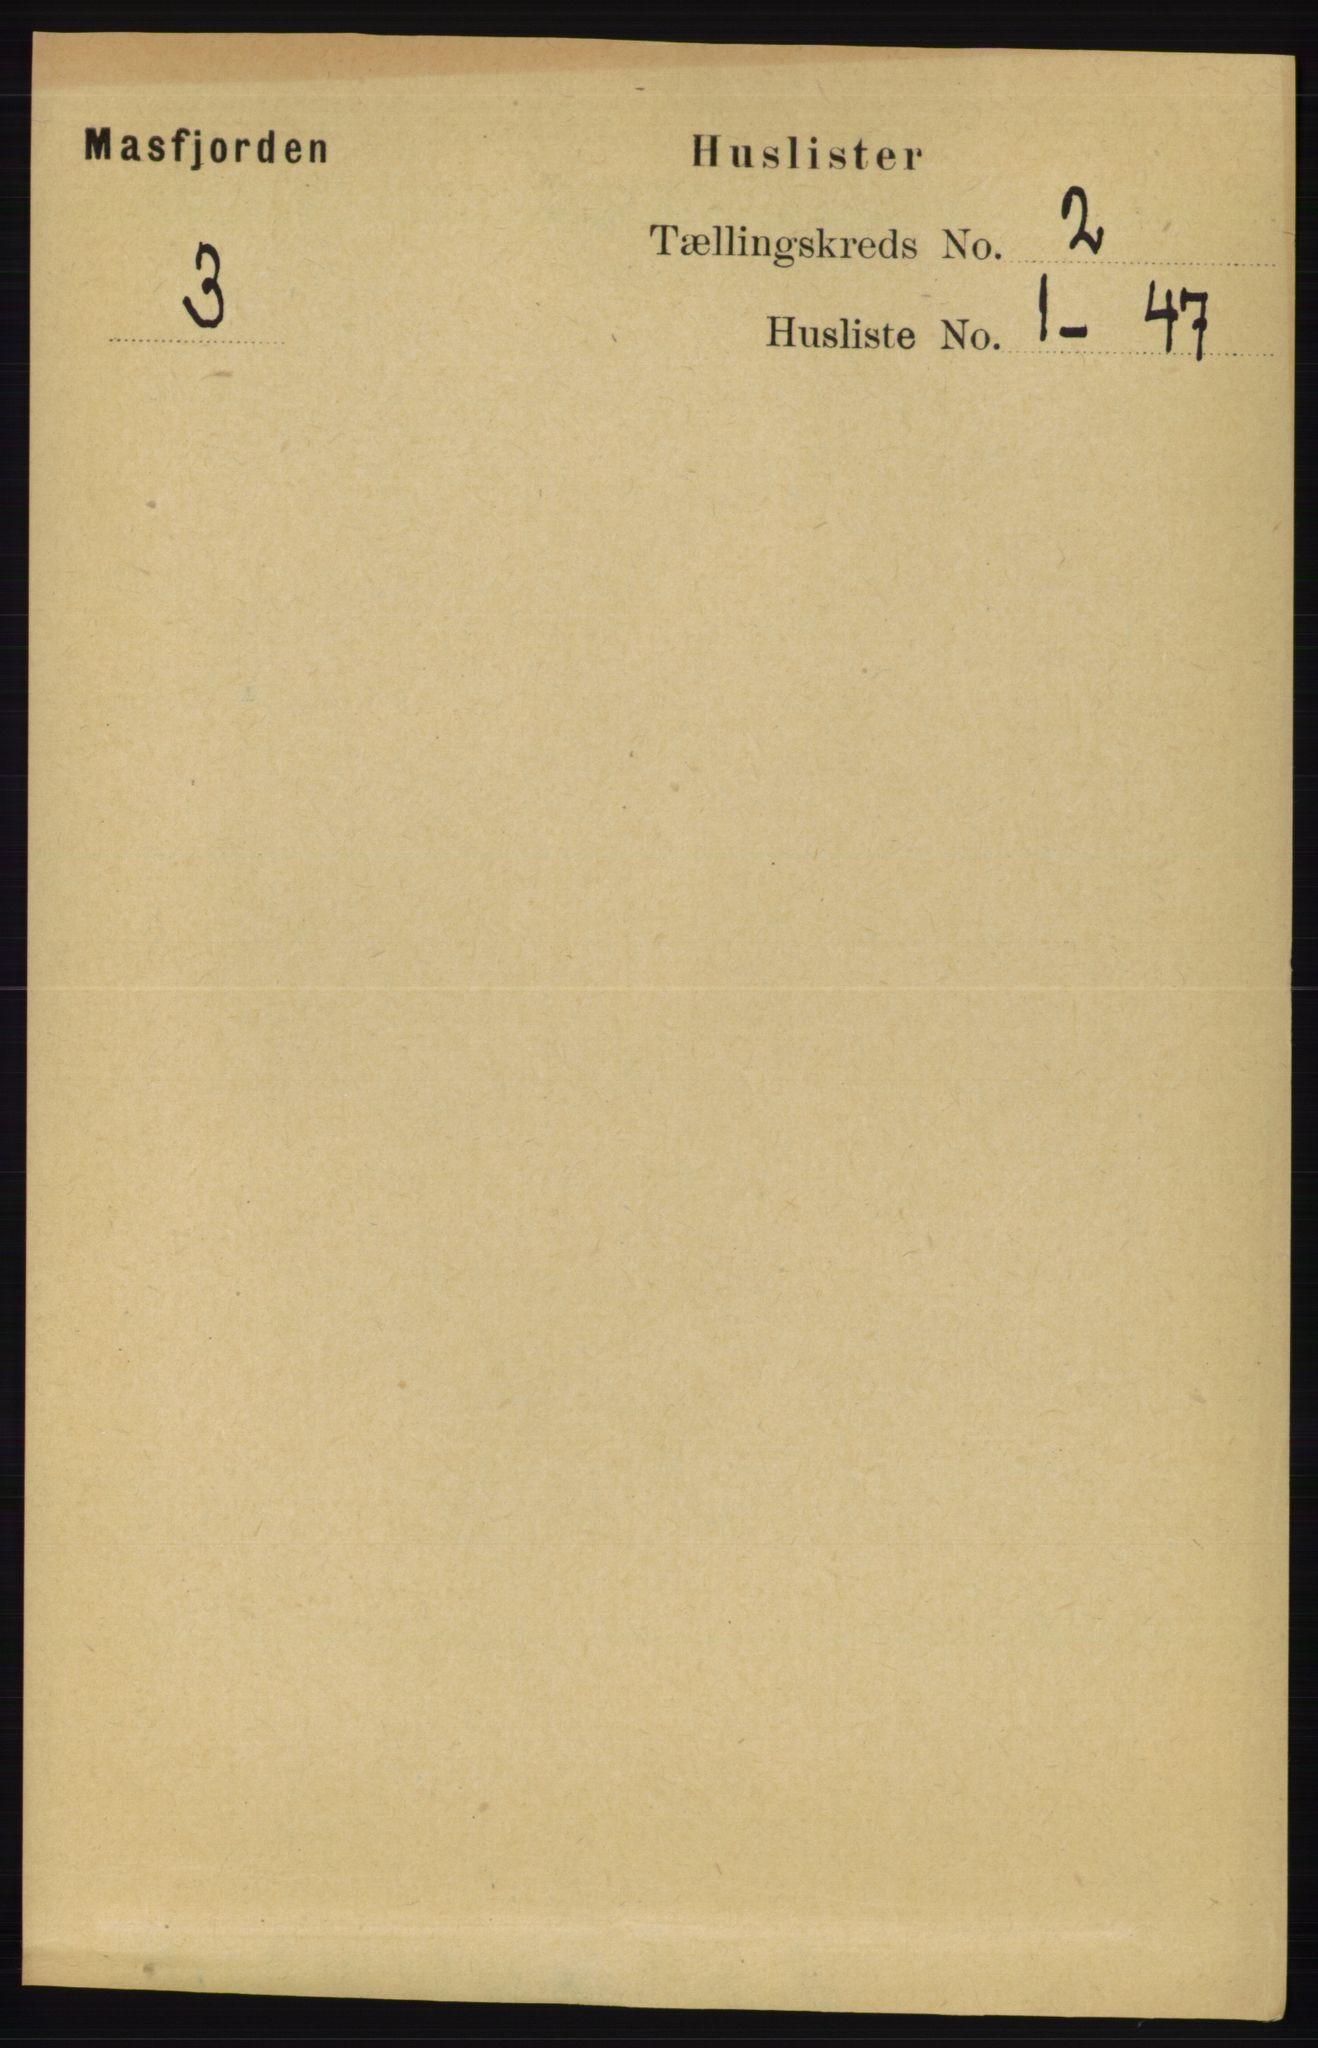 RA, Folketelling 1891 for 1266 Masfjorden herred, 1891, s. 142